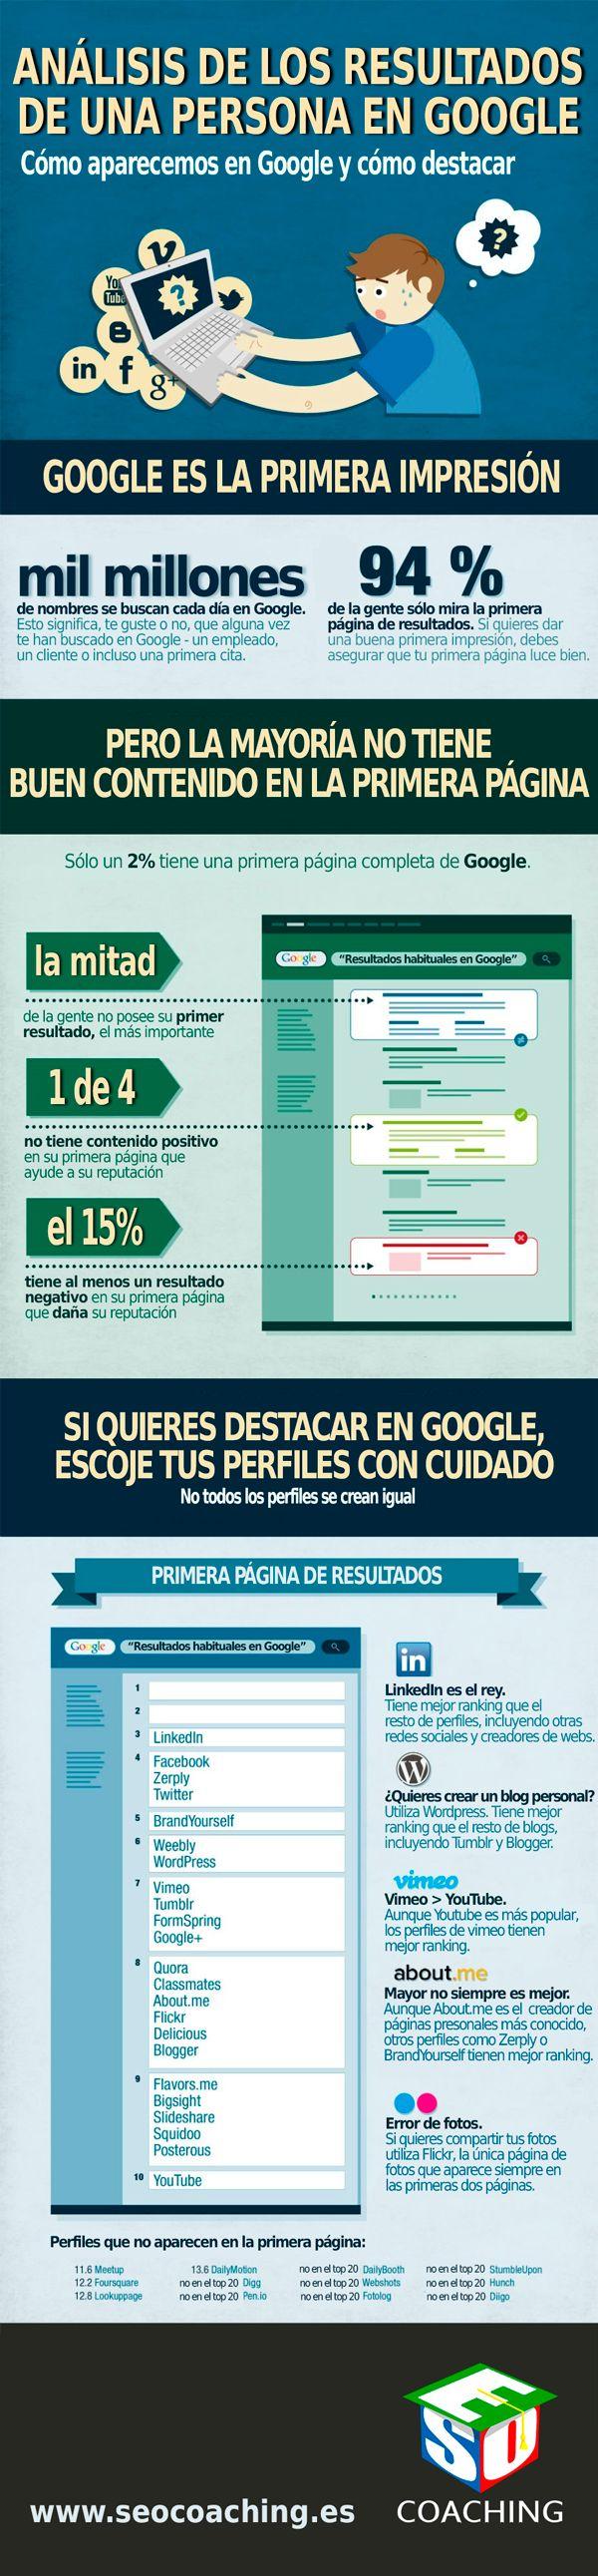 Fantásticas pistas! Qué dice Google de ti y cómo mejorarlo Vía: @SeoCoaching360 #infografia #infographic